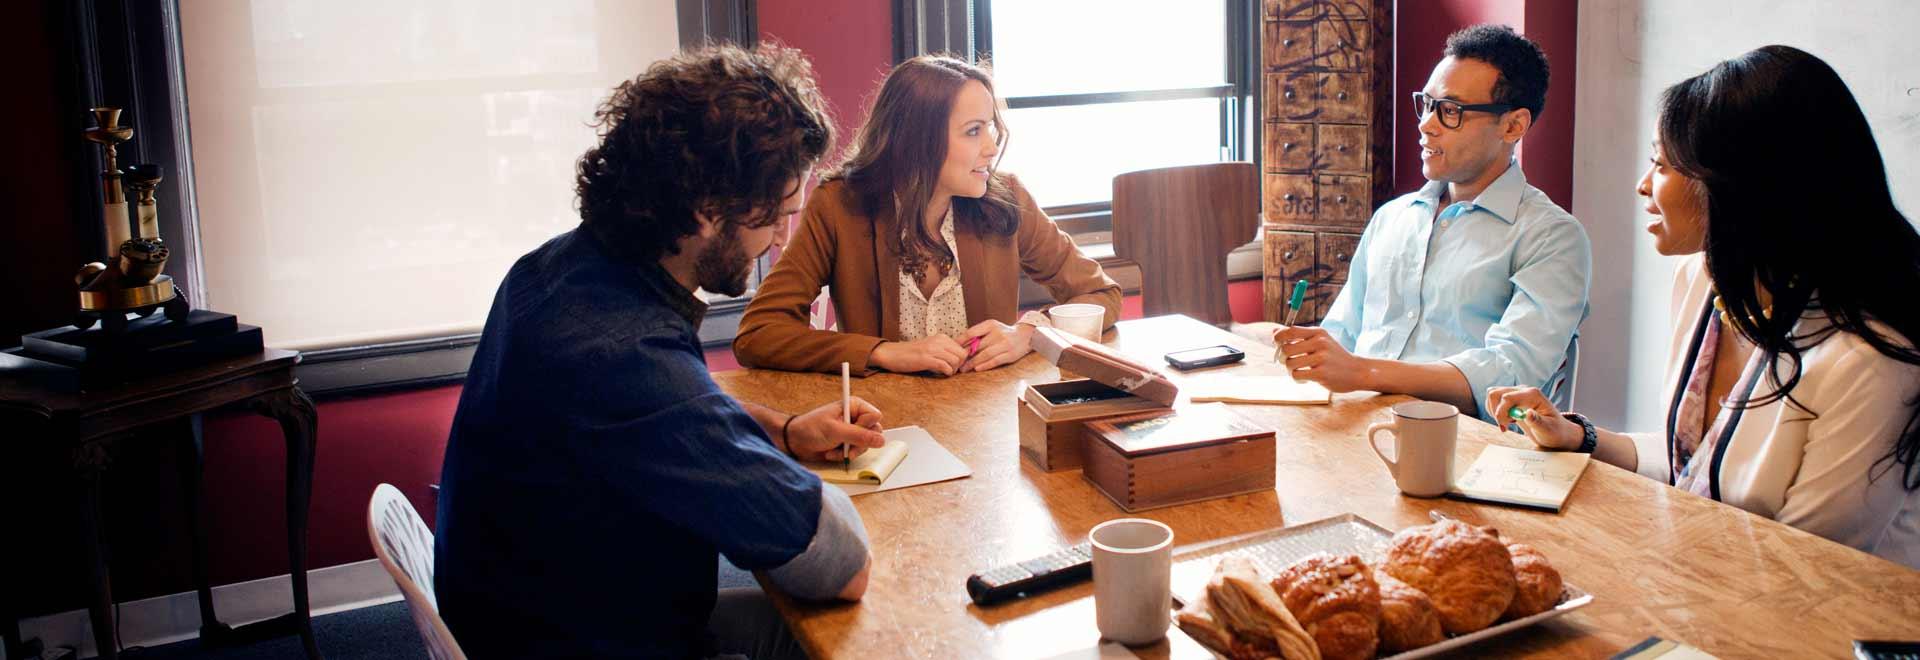 Cuatro personas trabajando en una oficina, usando Office 365 Enterprise E3.